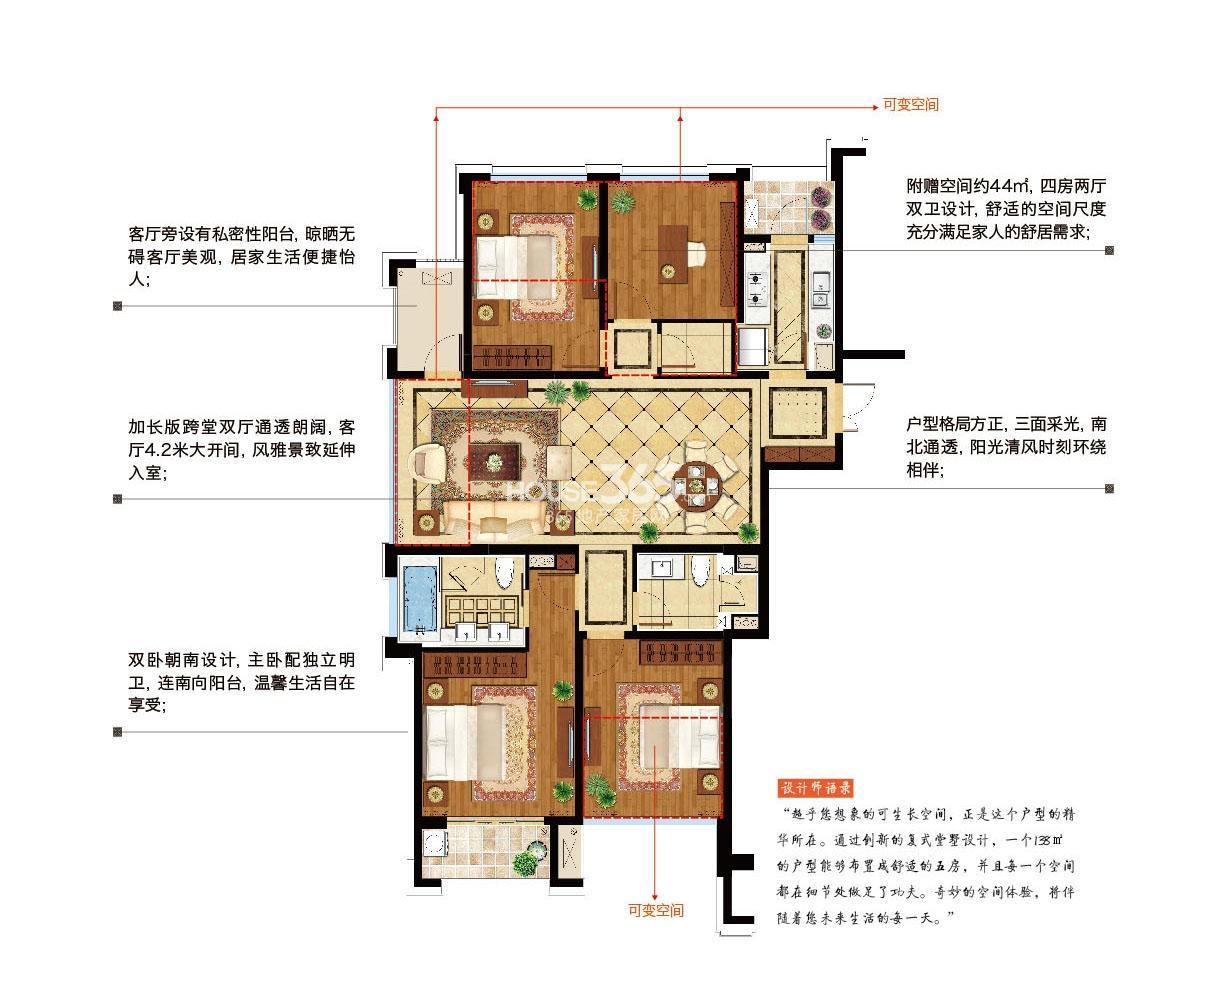 金地天逸5号楼 A1户型图